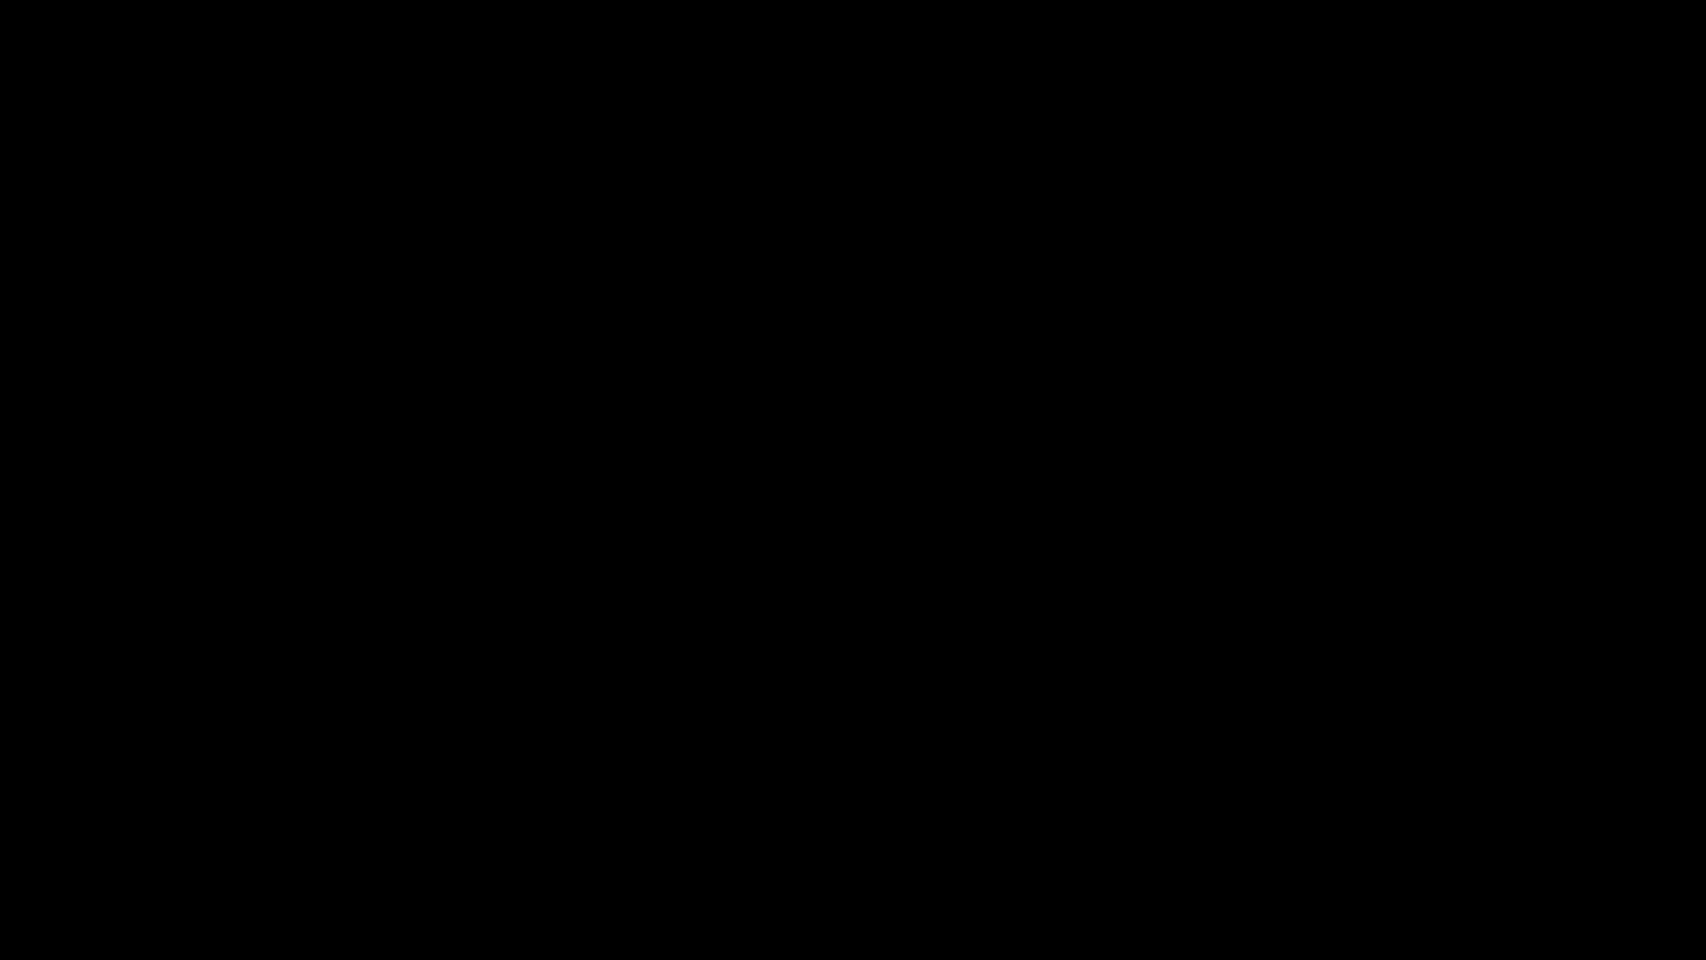 17917_07.jpg